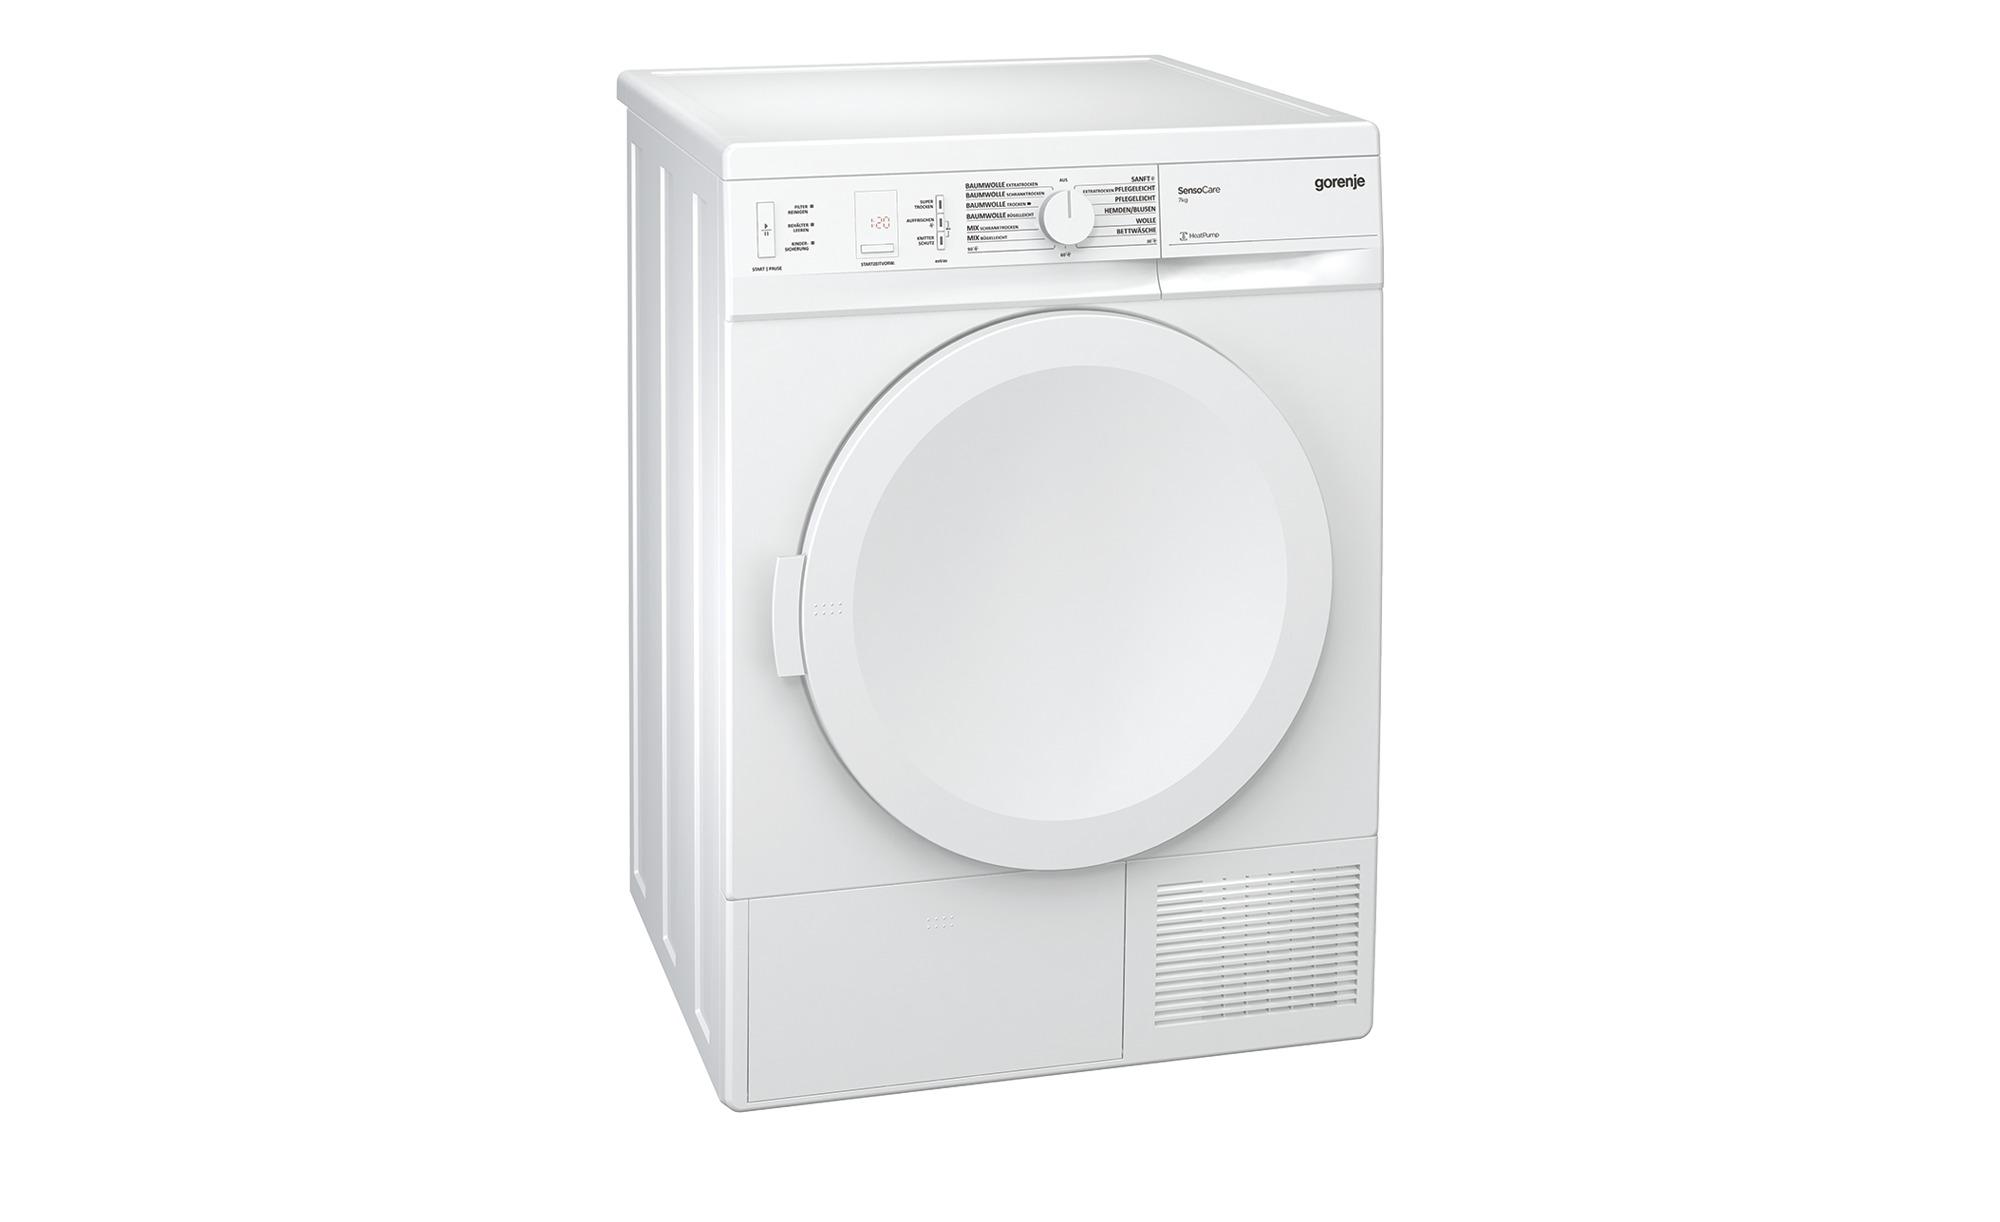 Gorenje Kühlschrank Filter Blinkt : Gorenje wärmepumpentrockner d a möbel höffner